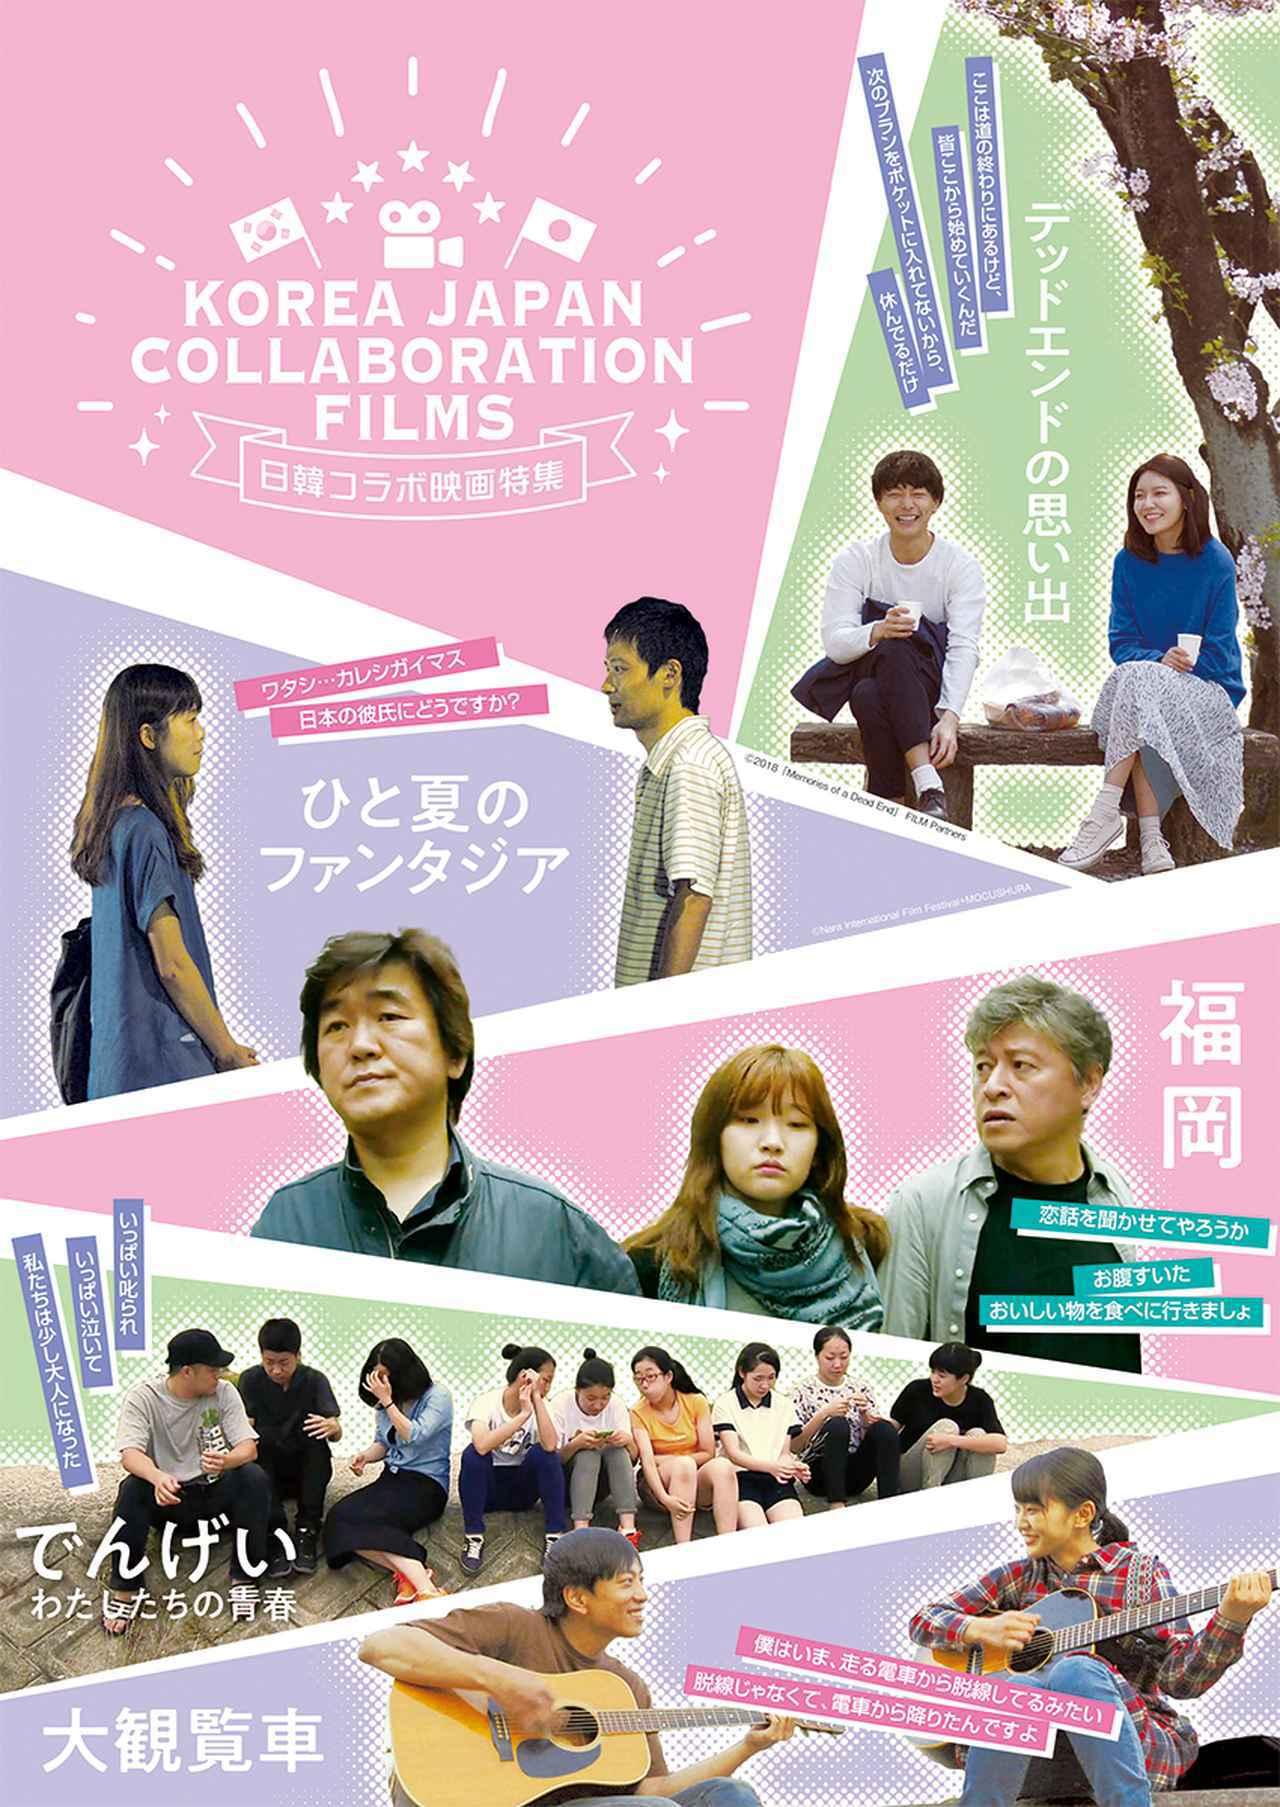 画像: 「日韓コラボ映画特集」企画の趣旨、概要